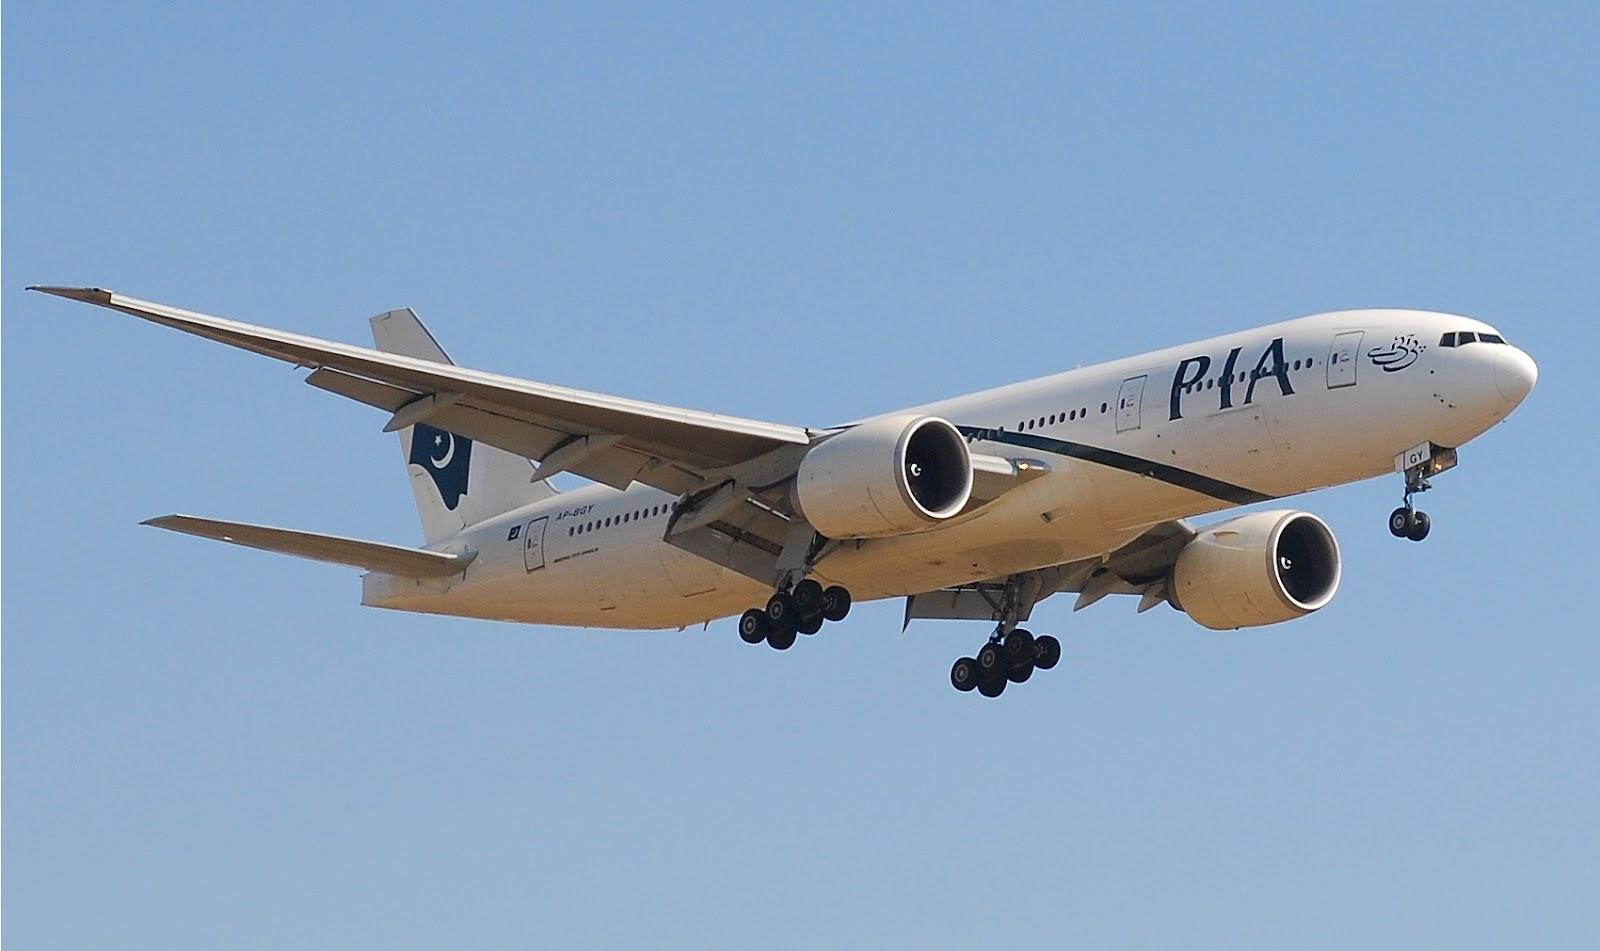 PIA_B777-200LR_AP-BGY.jpg